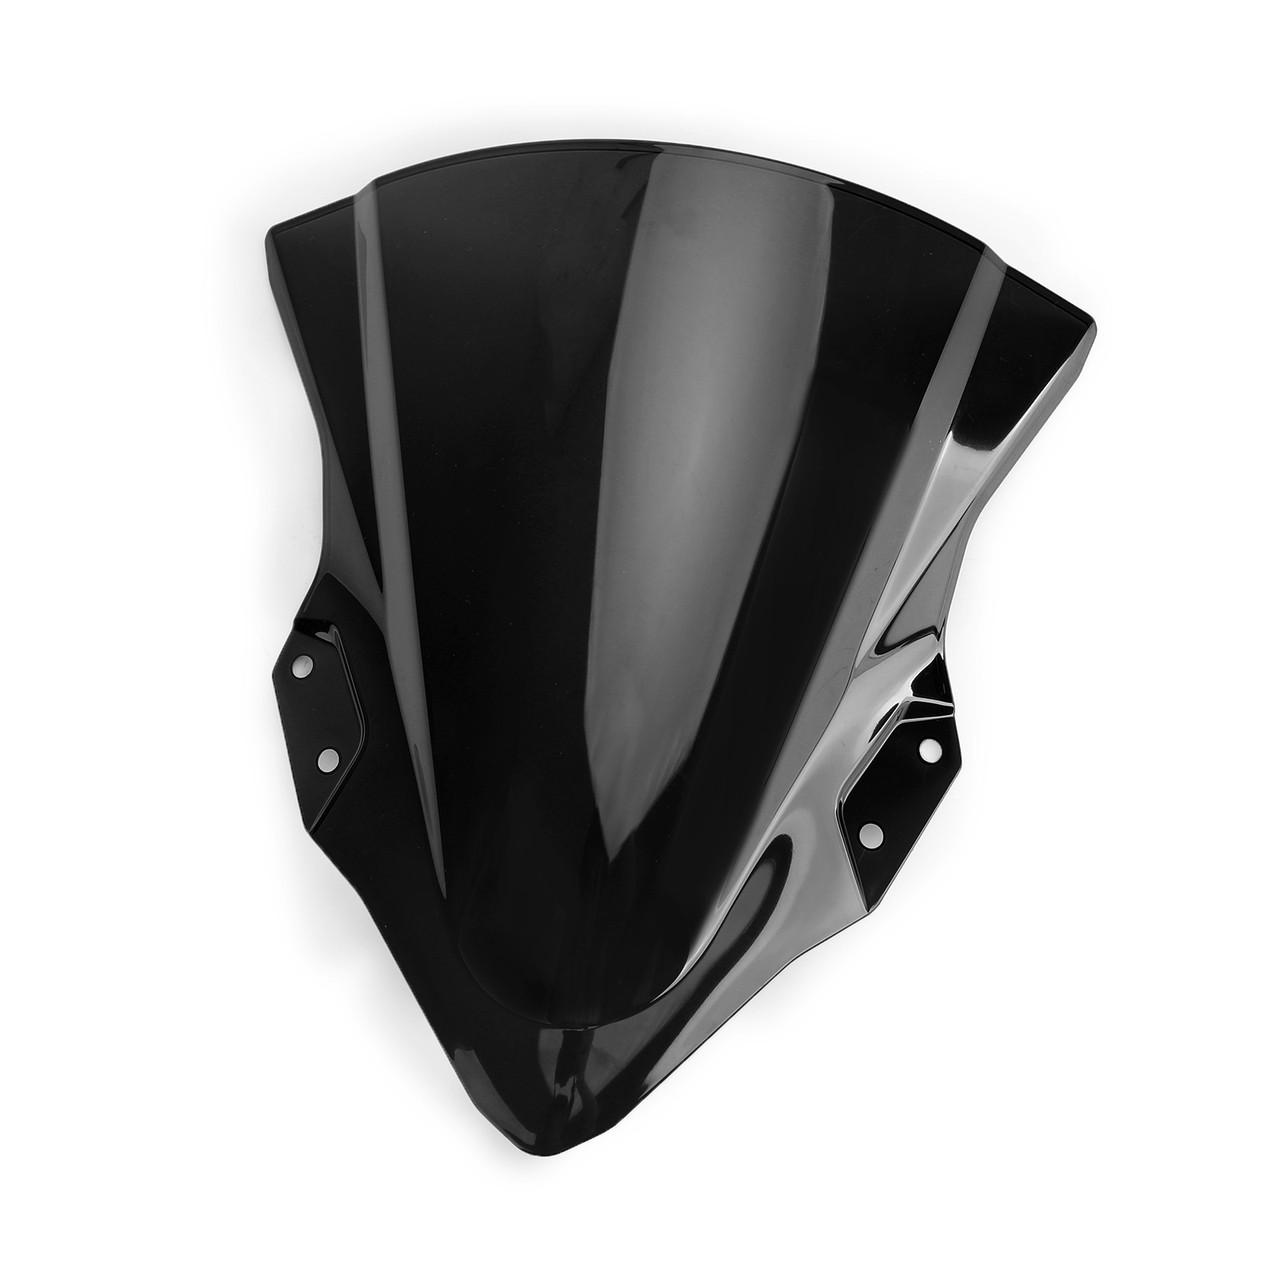 ABS Plastic Windshield Windscreen For Kawasaki 2018-2019 Ninja 400 Black